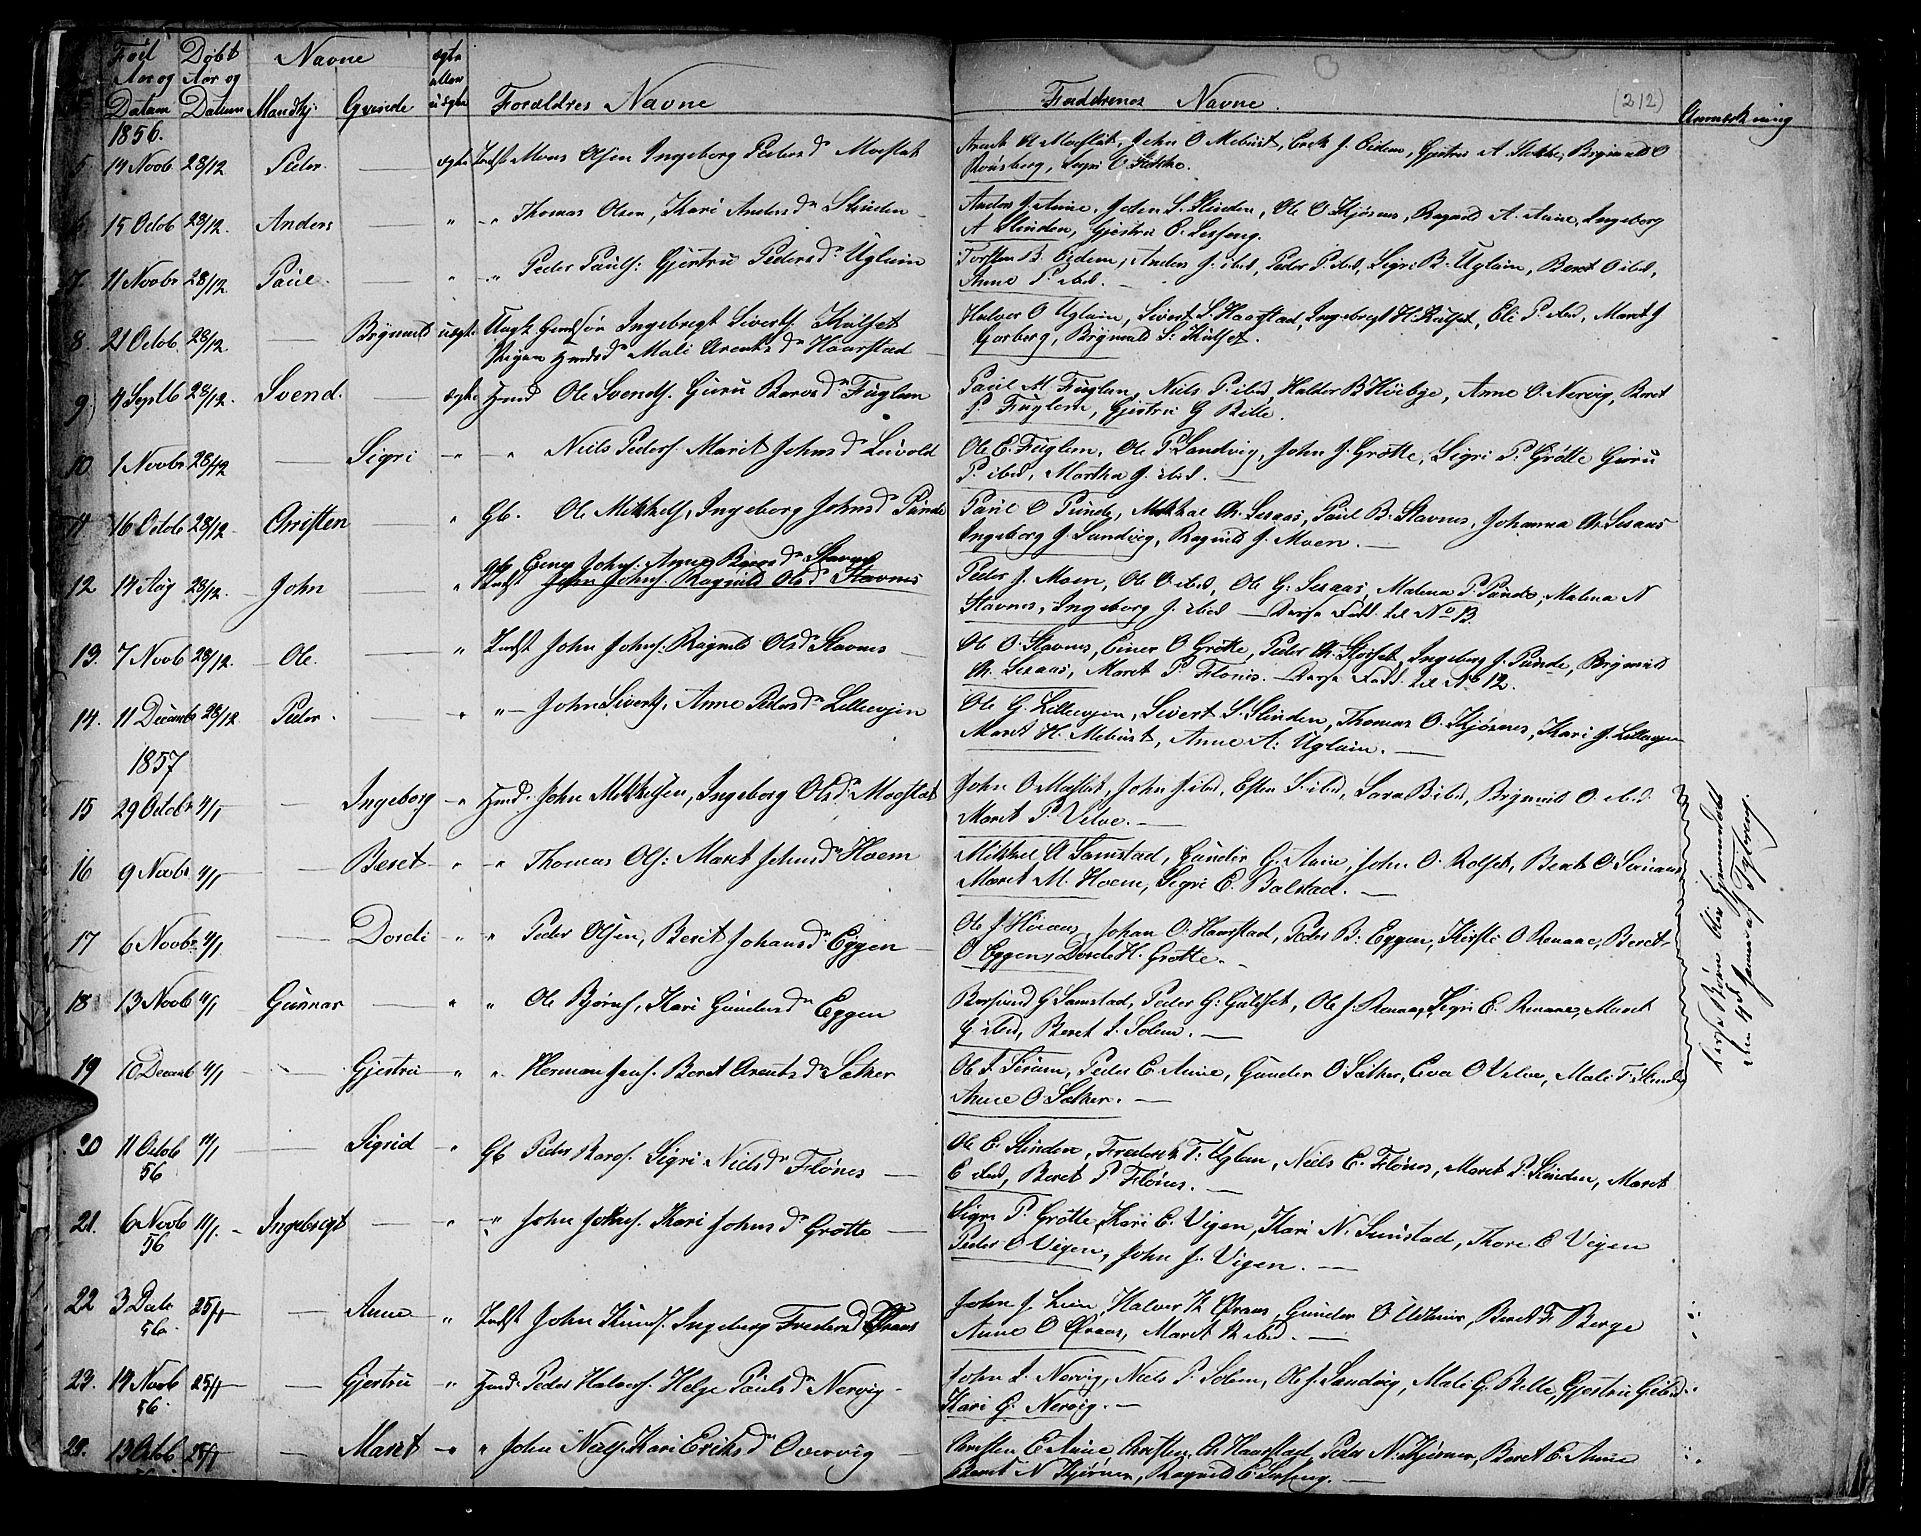 SAT, Ministerialprotokoller, klokkerbøker og fødselsregistre - Sør-Trøndelag, 695/L1154: Klokkerbok nr. 695C05, 1842-1858, s. 212